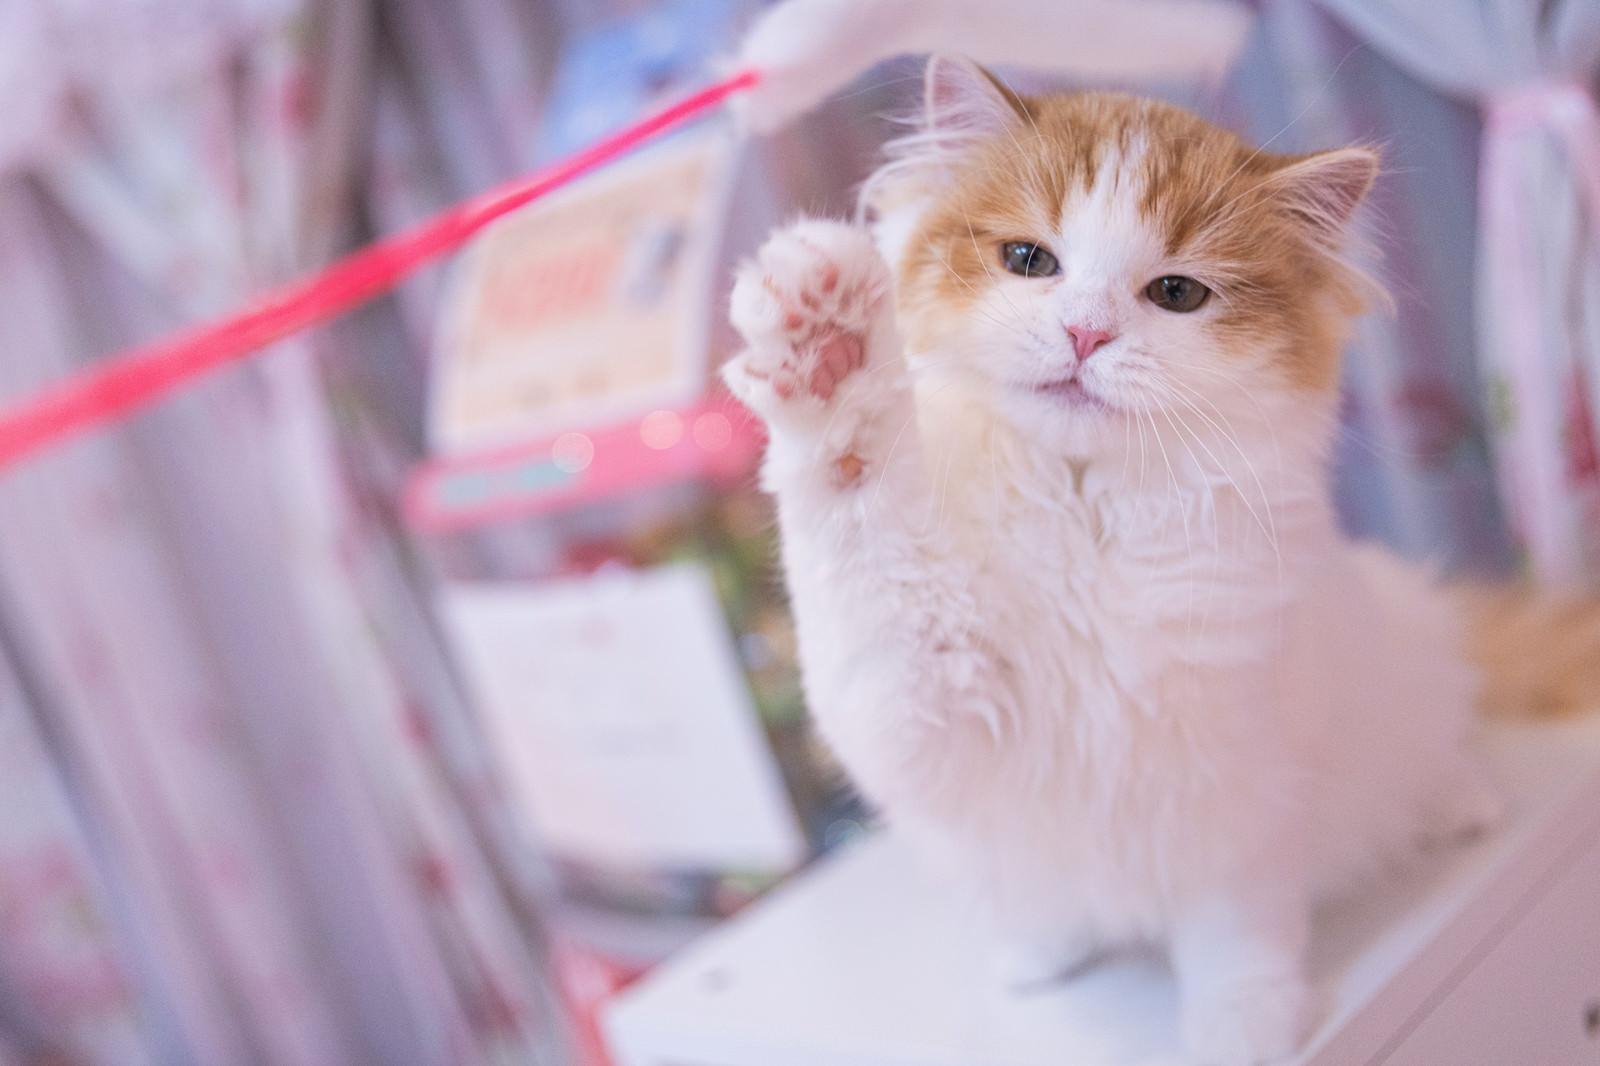 「小さな肉球が可愛いスコティッシュフォールドの子猫」の写真